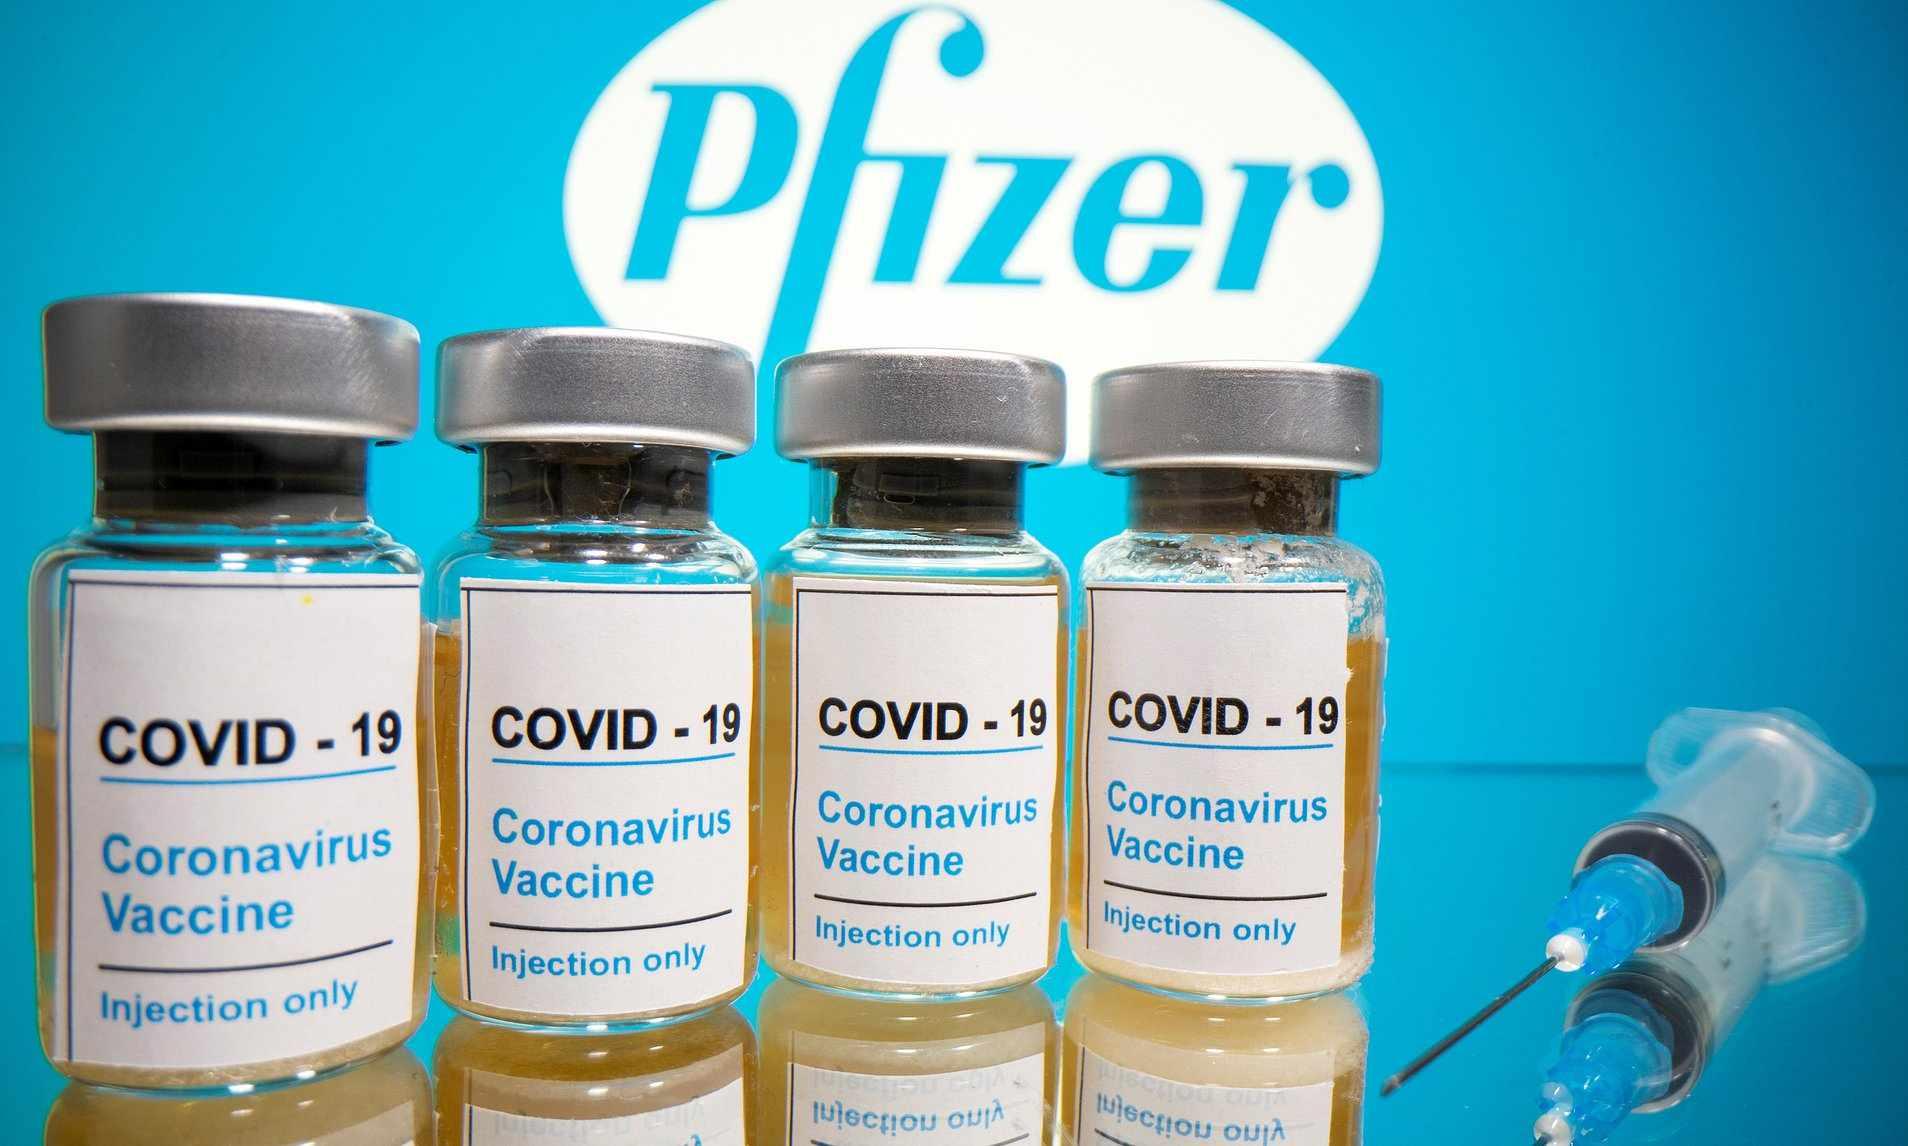 pfizer temperatures vaccine covid